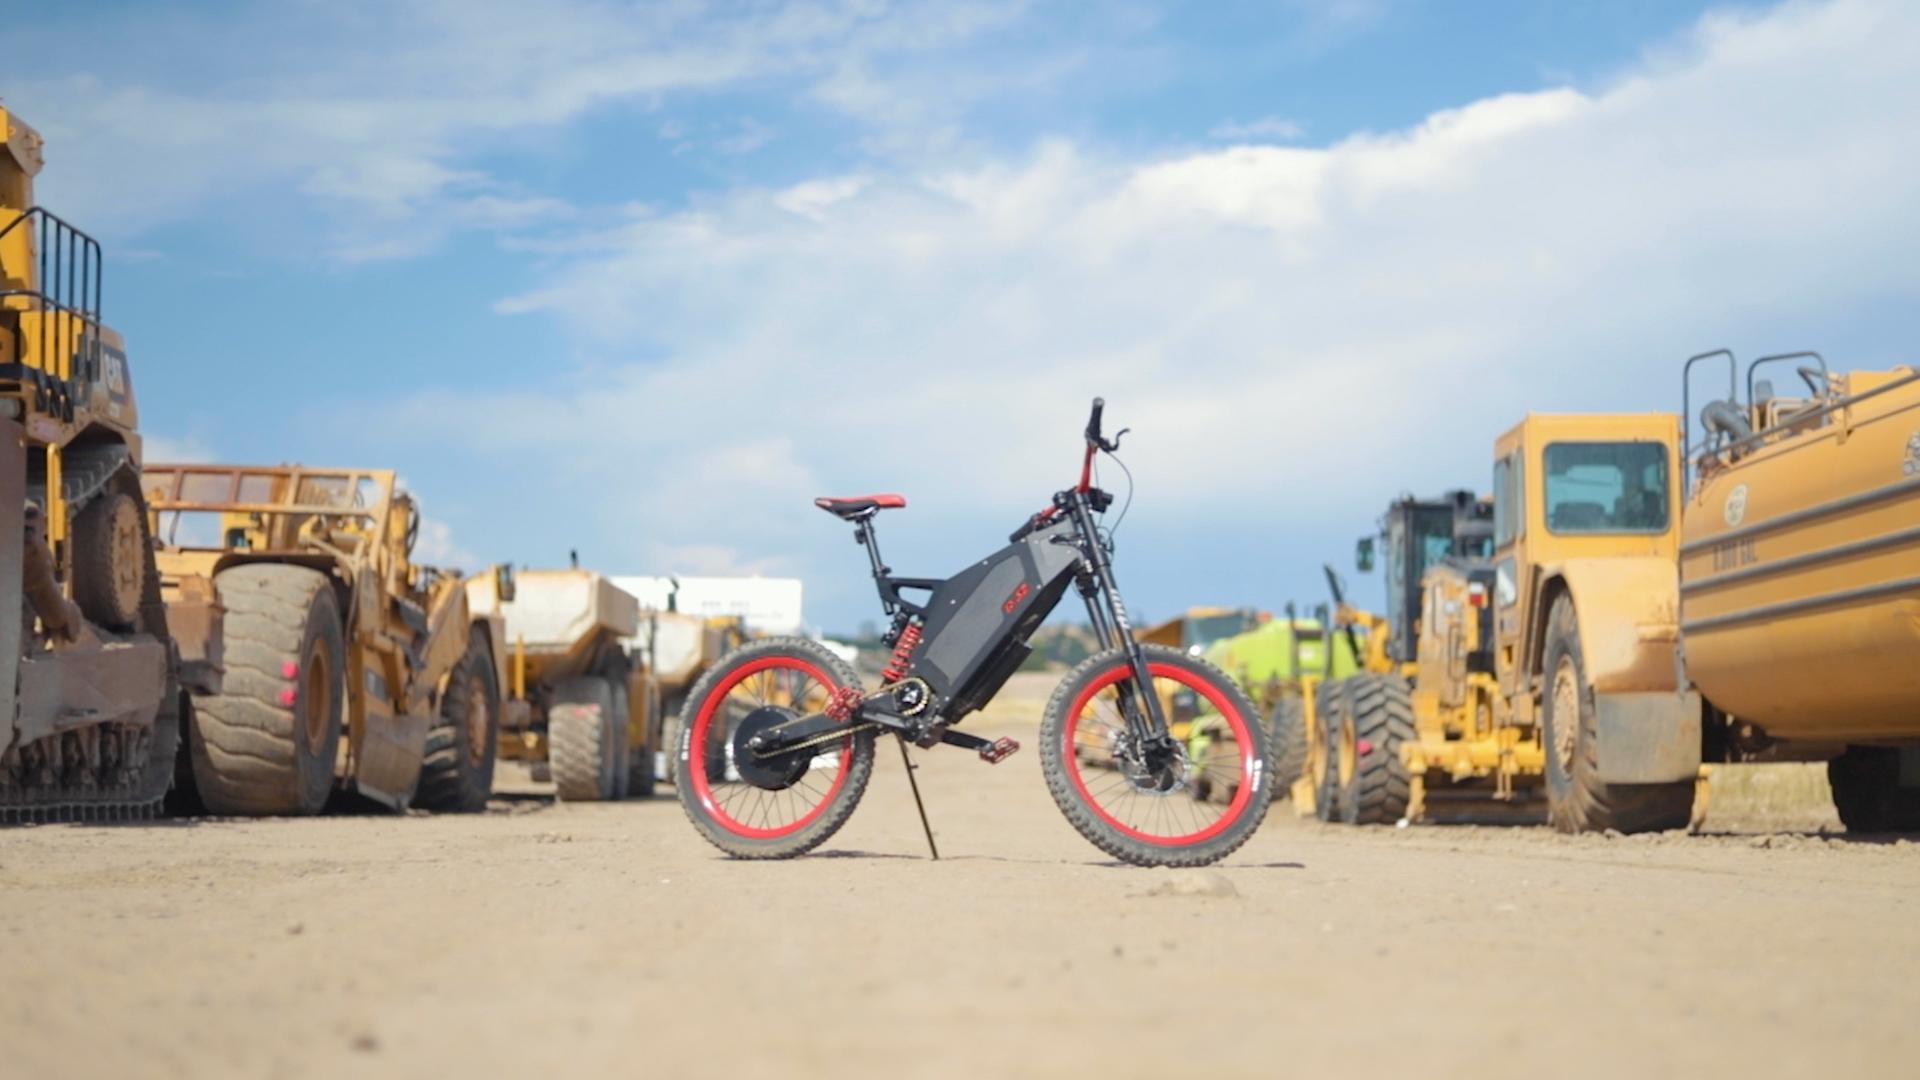 electrified-reviews-stealth-b52-bomber-electric-bike-review-profile-far.jpg